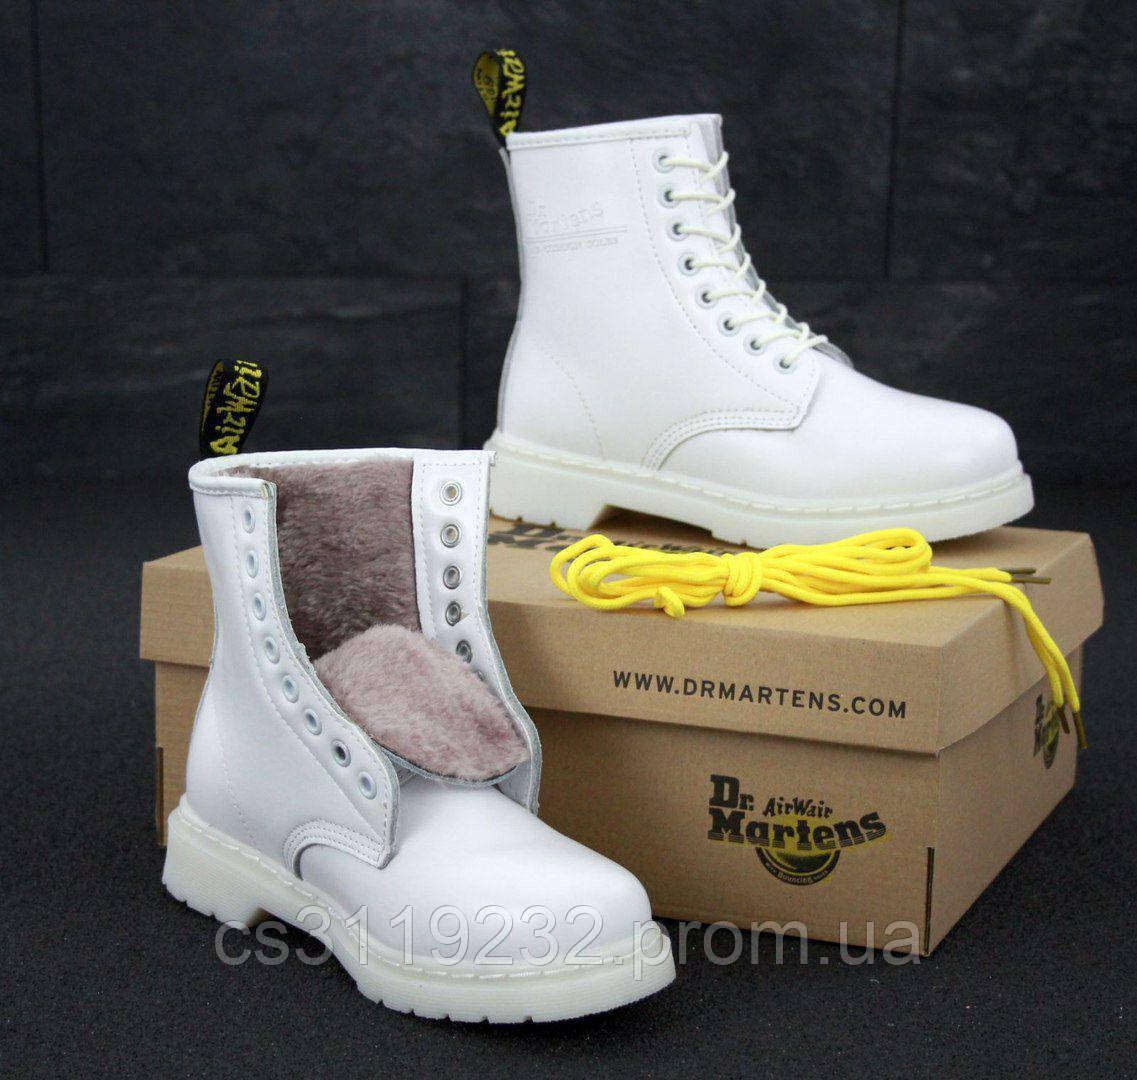 Женские ботинки зимние Dr Martens 1460 (мех) (белый)